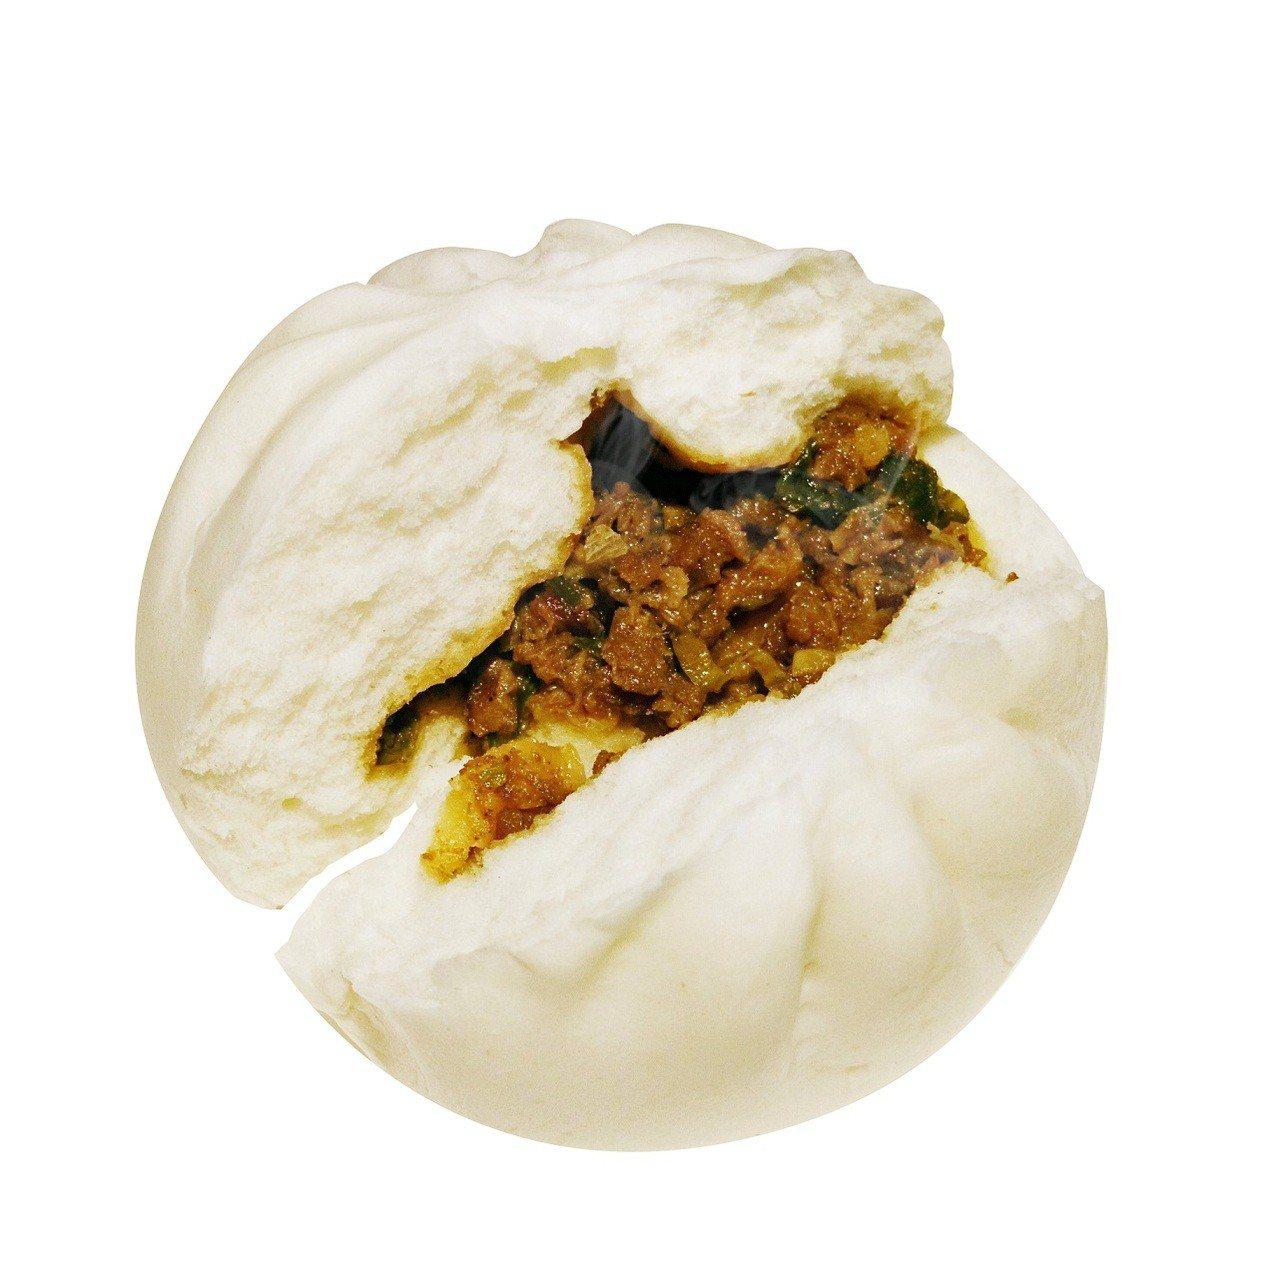 宜蘭櫻桃鴨肉培根包,售價32元。圖/萊爾富提供